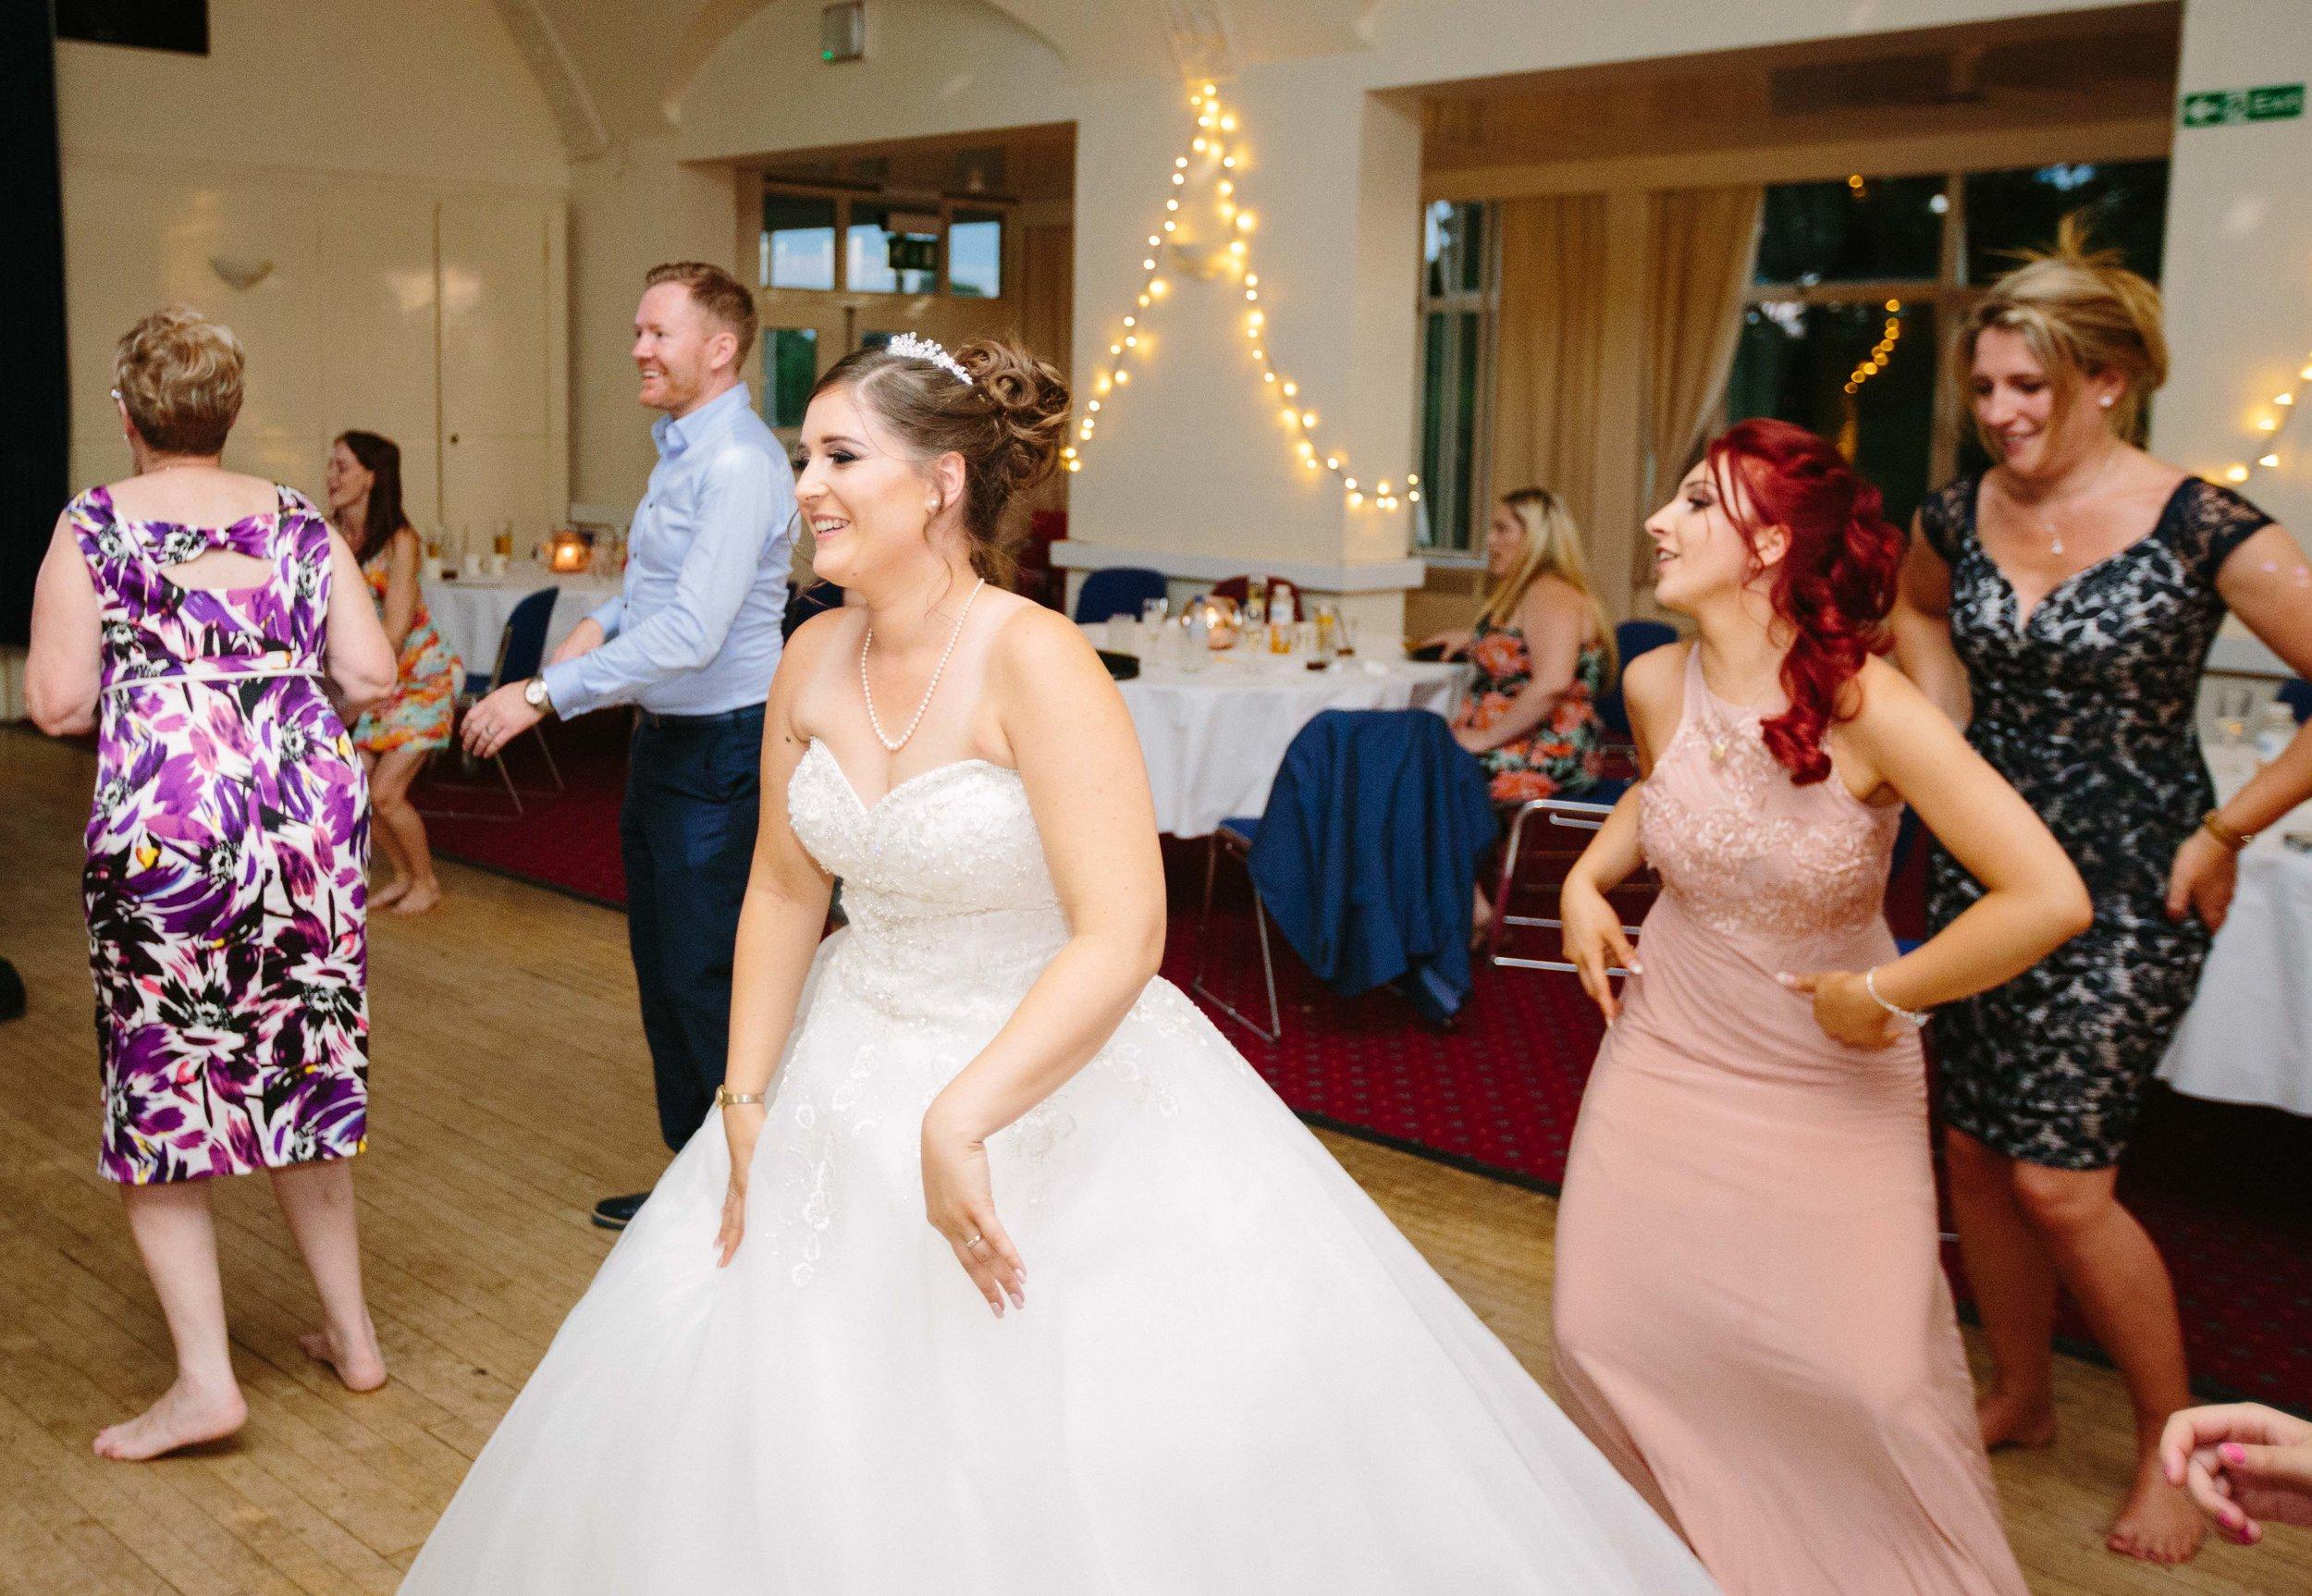 HamptonCourt-Wedding-Weybridge-Surrey-London-OatlandsParkHotel-47